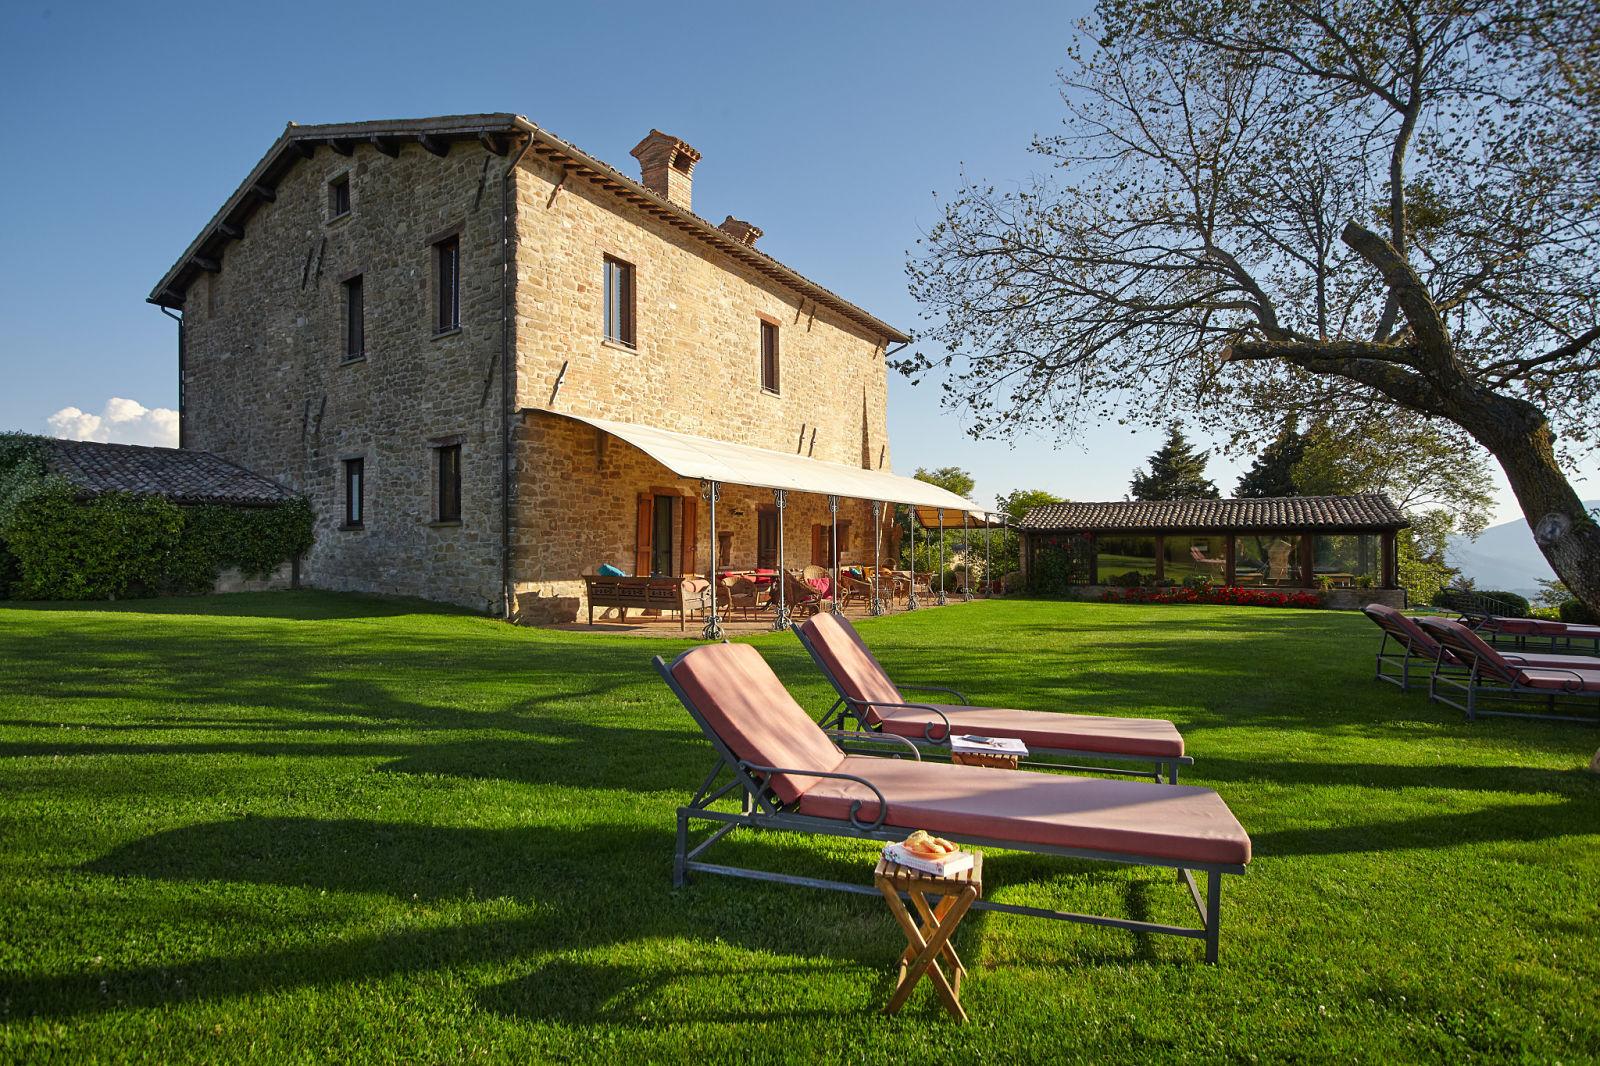 Villa Paola Capranica Prenotazioni Telefono